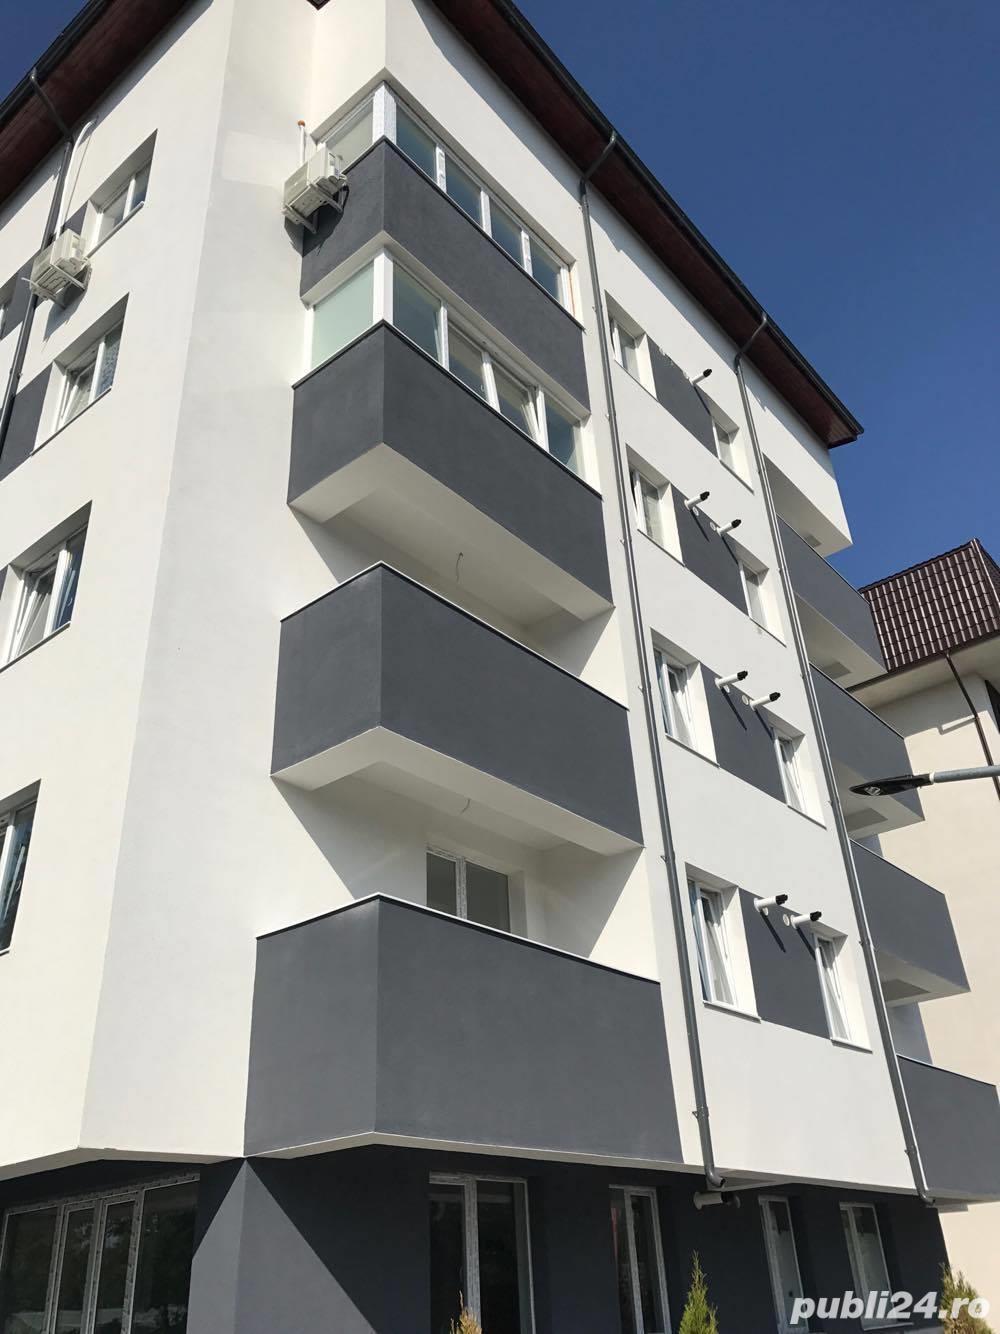 Ocazie apartament 3 camere mutare imediata Sos Oltenitei